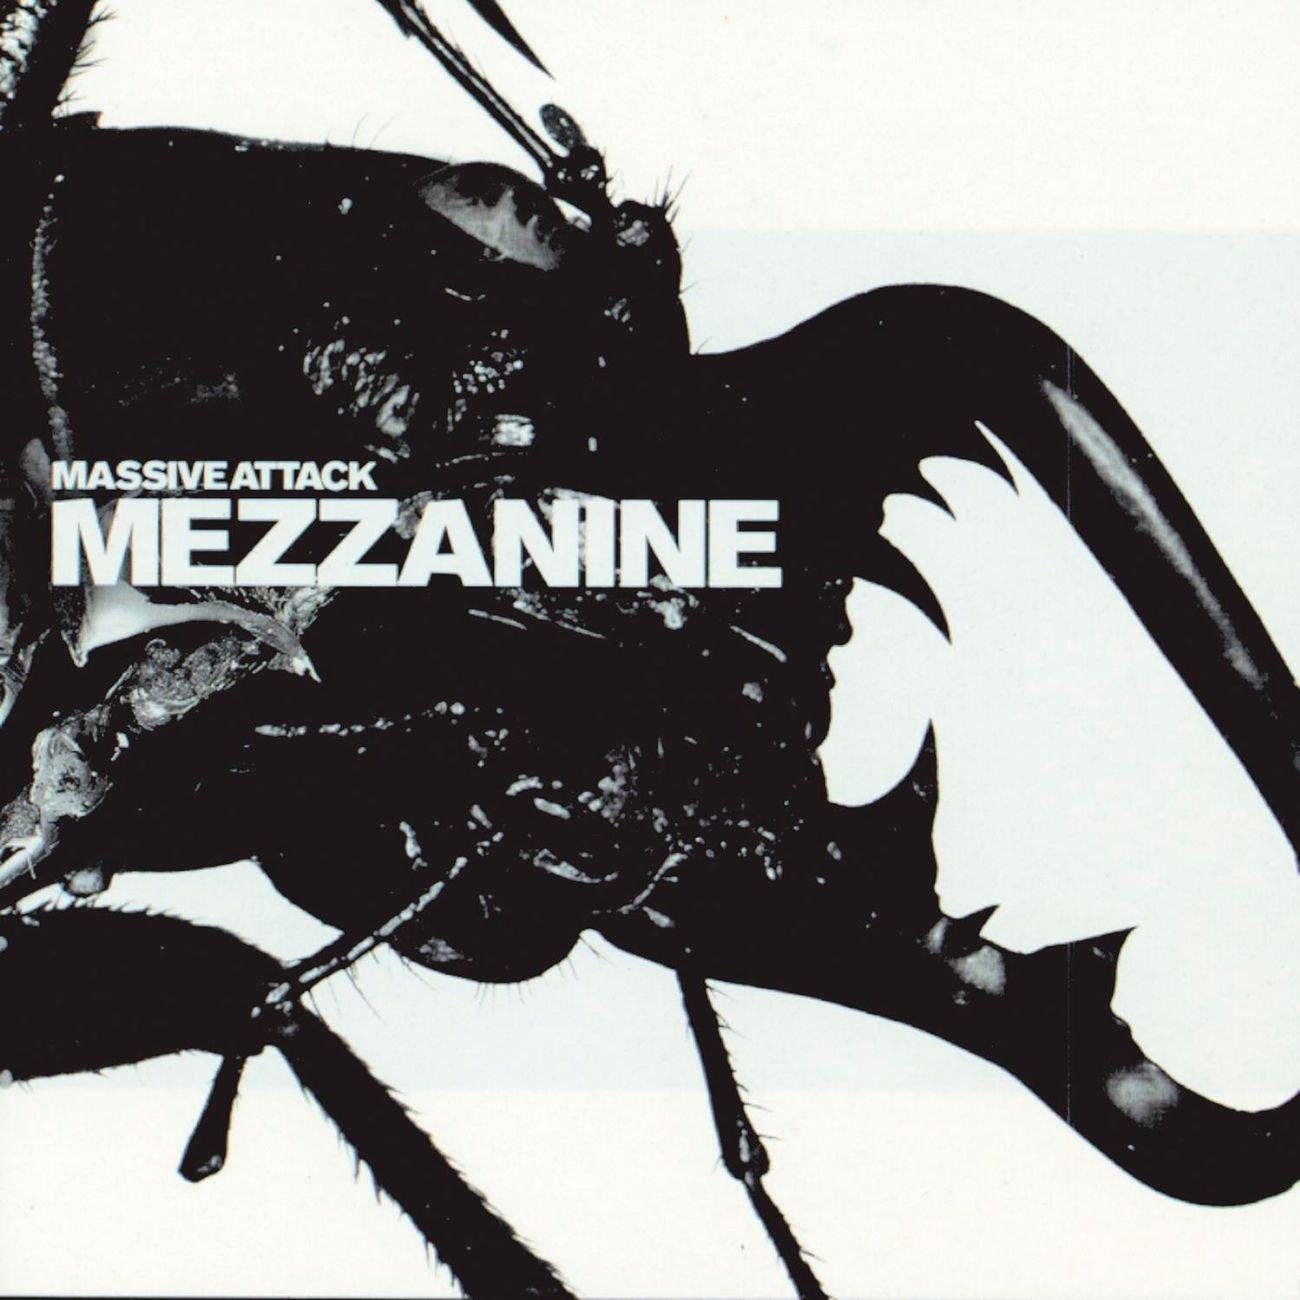 Massive Attack - Mezzanine [2xLP]